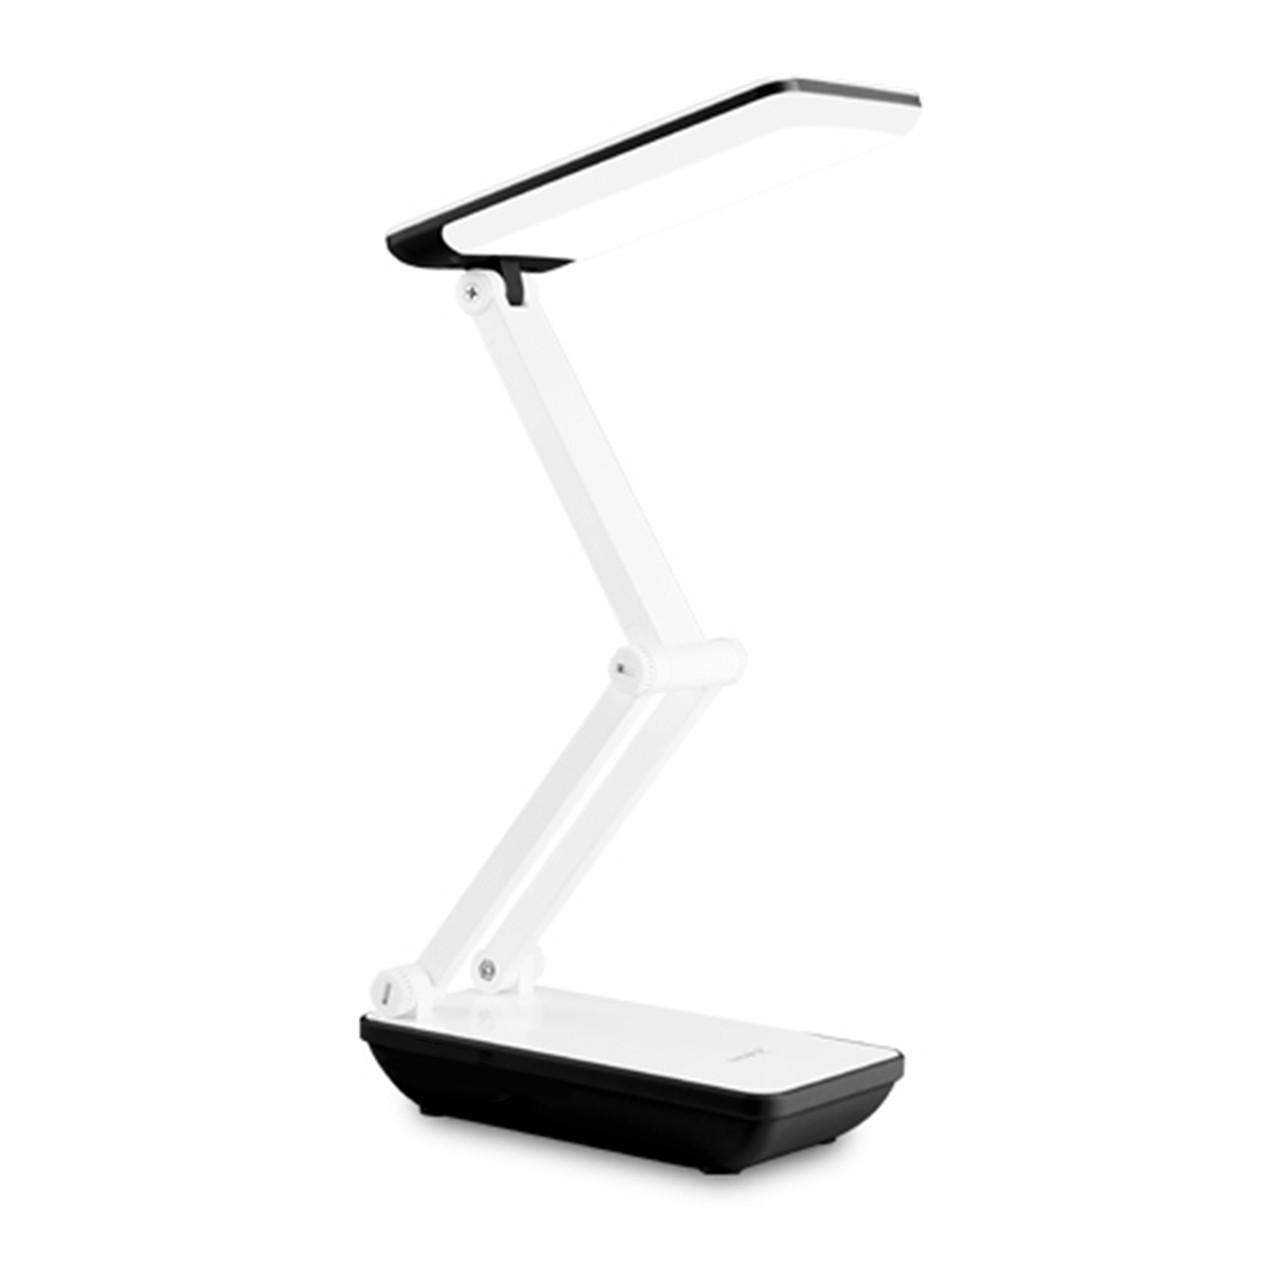 Настольная светодиодная лампа YAGE YG-5951 White аккумулятор 1200 мАч гибкая настольная для офиса дома